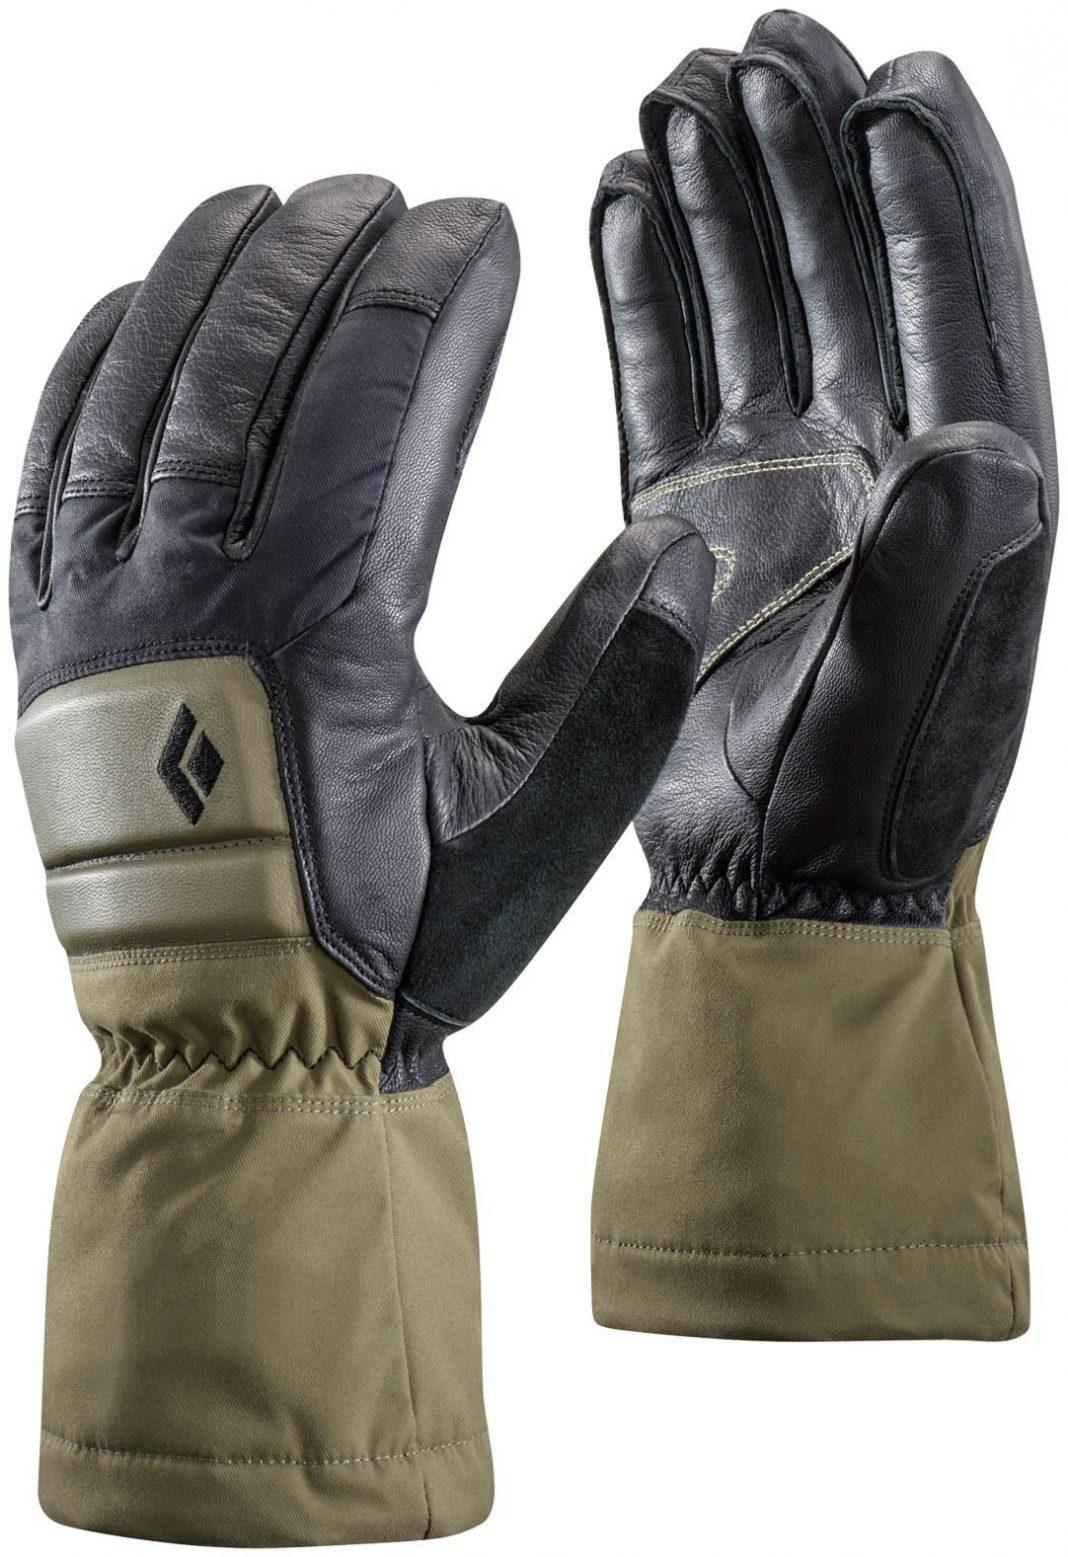 Black Diamond: Spark Powder Gloves 18/19